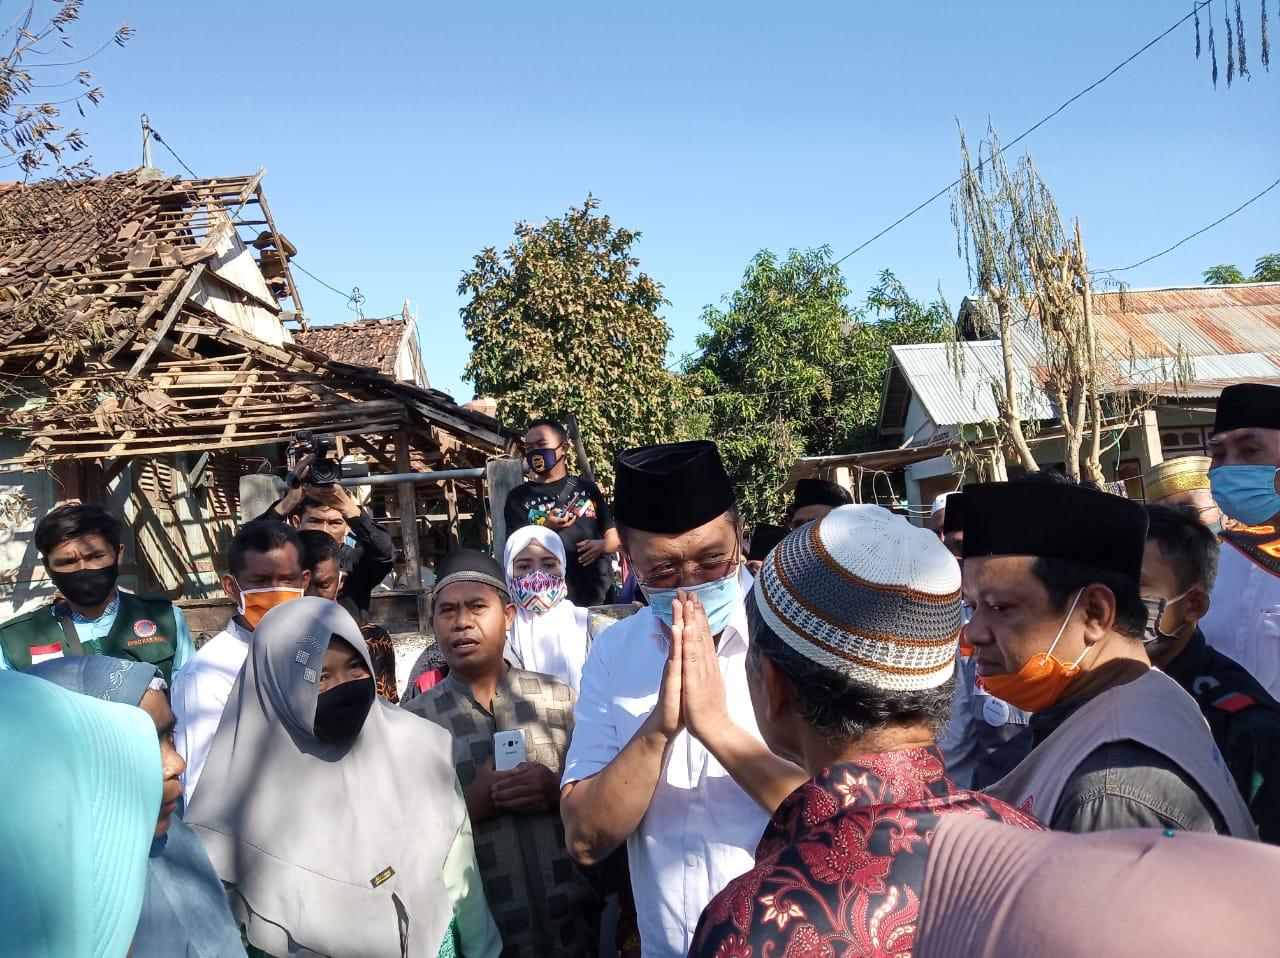 Usai Shalat Idul Adha, Gubernur NTB Kunjungi Warga Korban Kebakaran di Desa Ntonggu